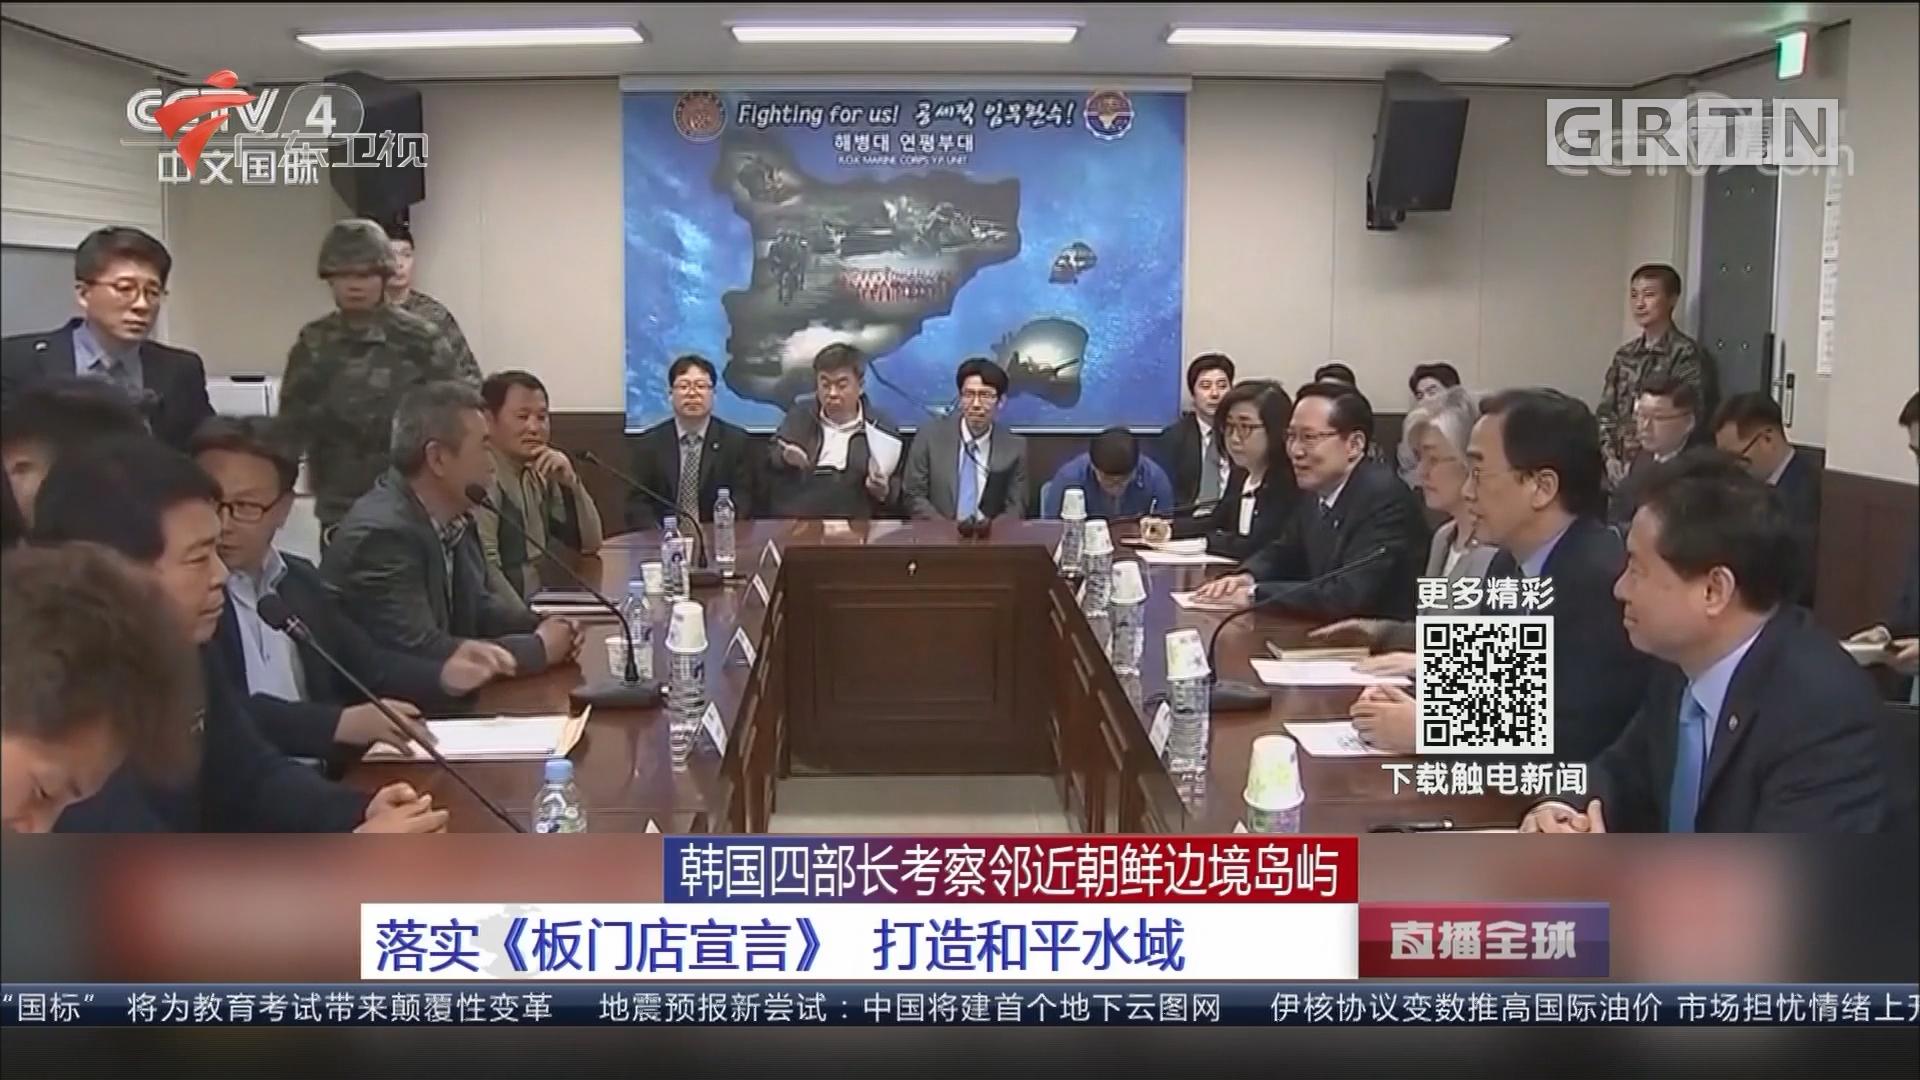 韩国四部长考察邻近朝鲜边境岛屿 落实《板门店宣言》 打造和平水域